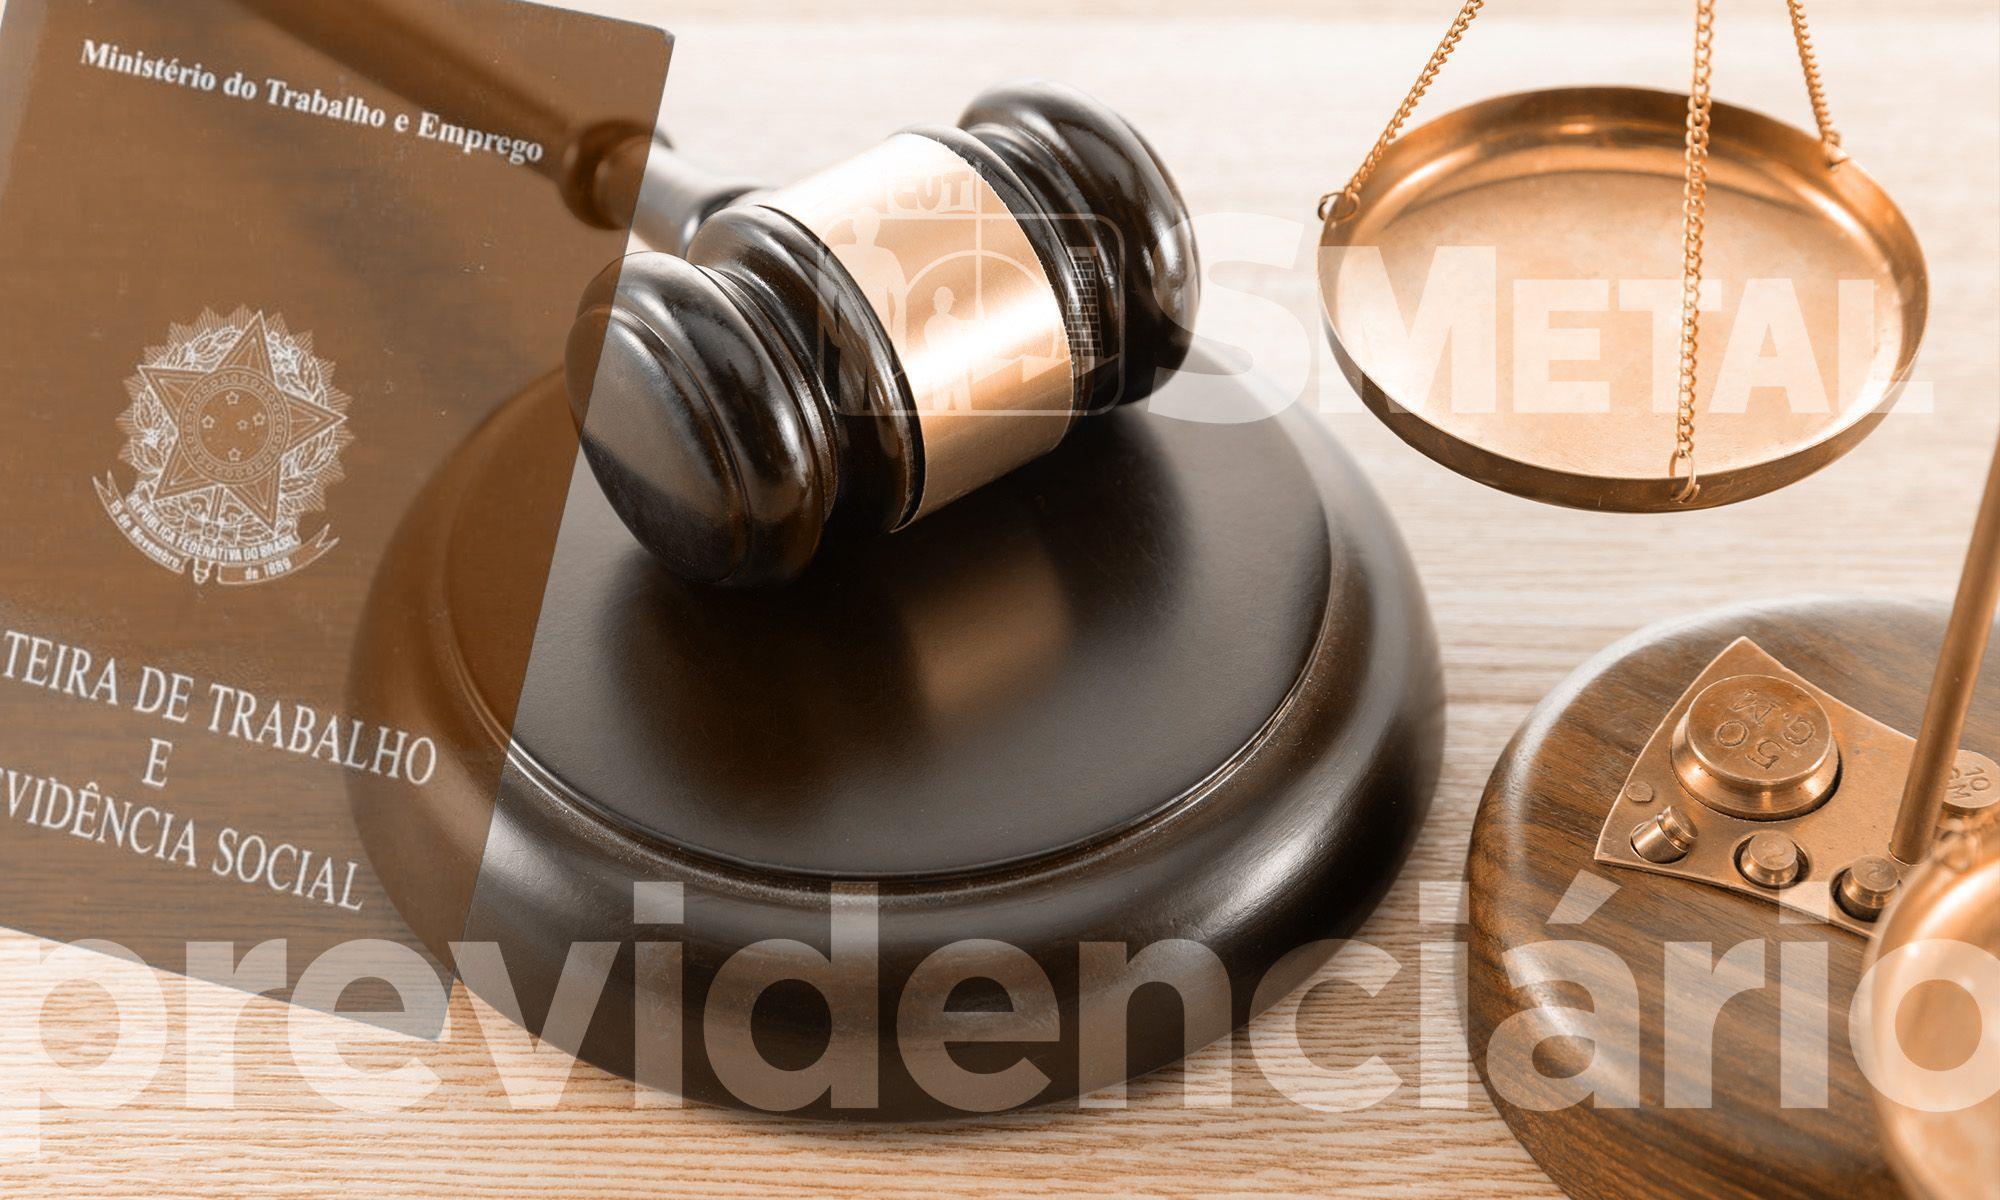 juridico, previdência, smetal, sorocaba, plantão, previdenciário, Divulgação